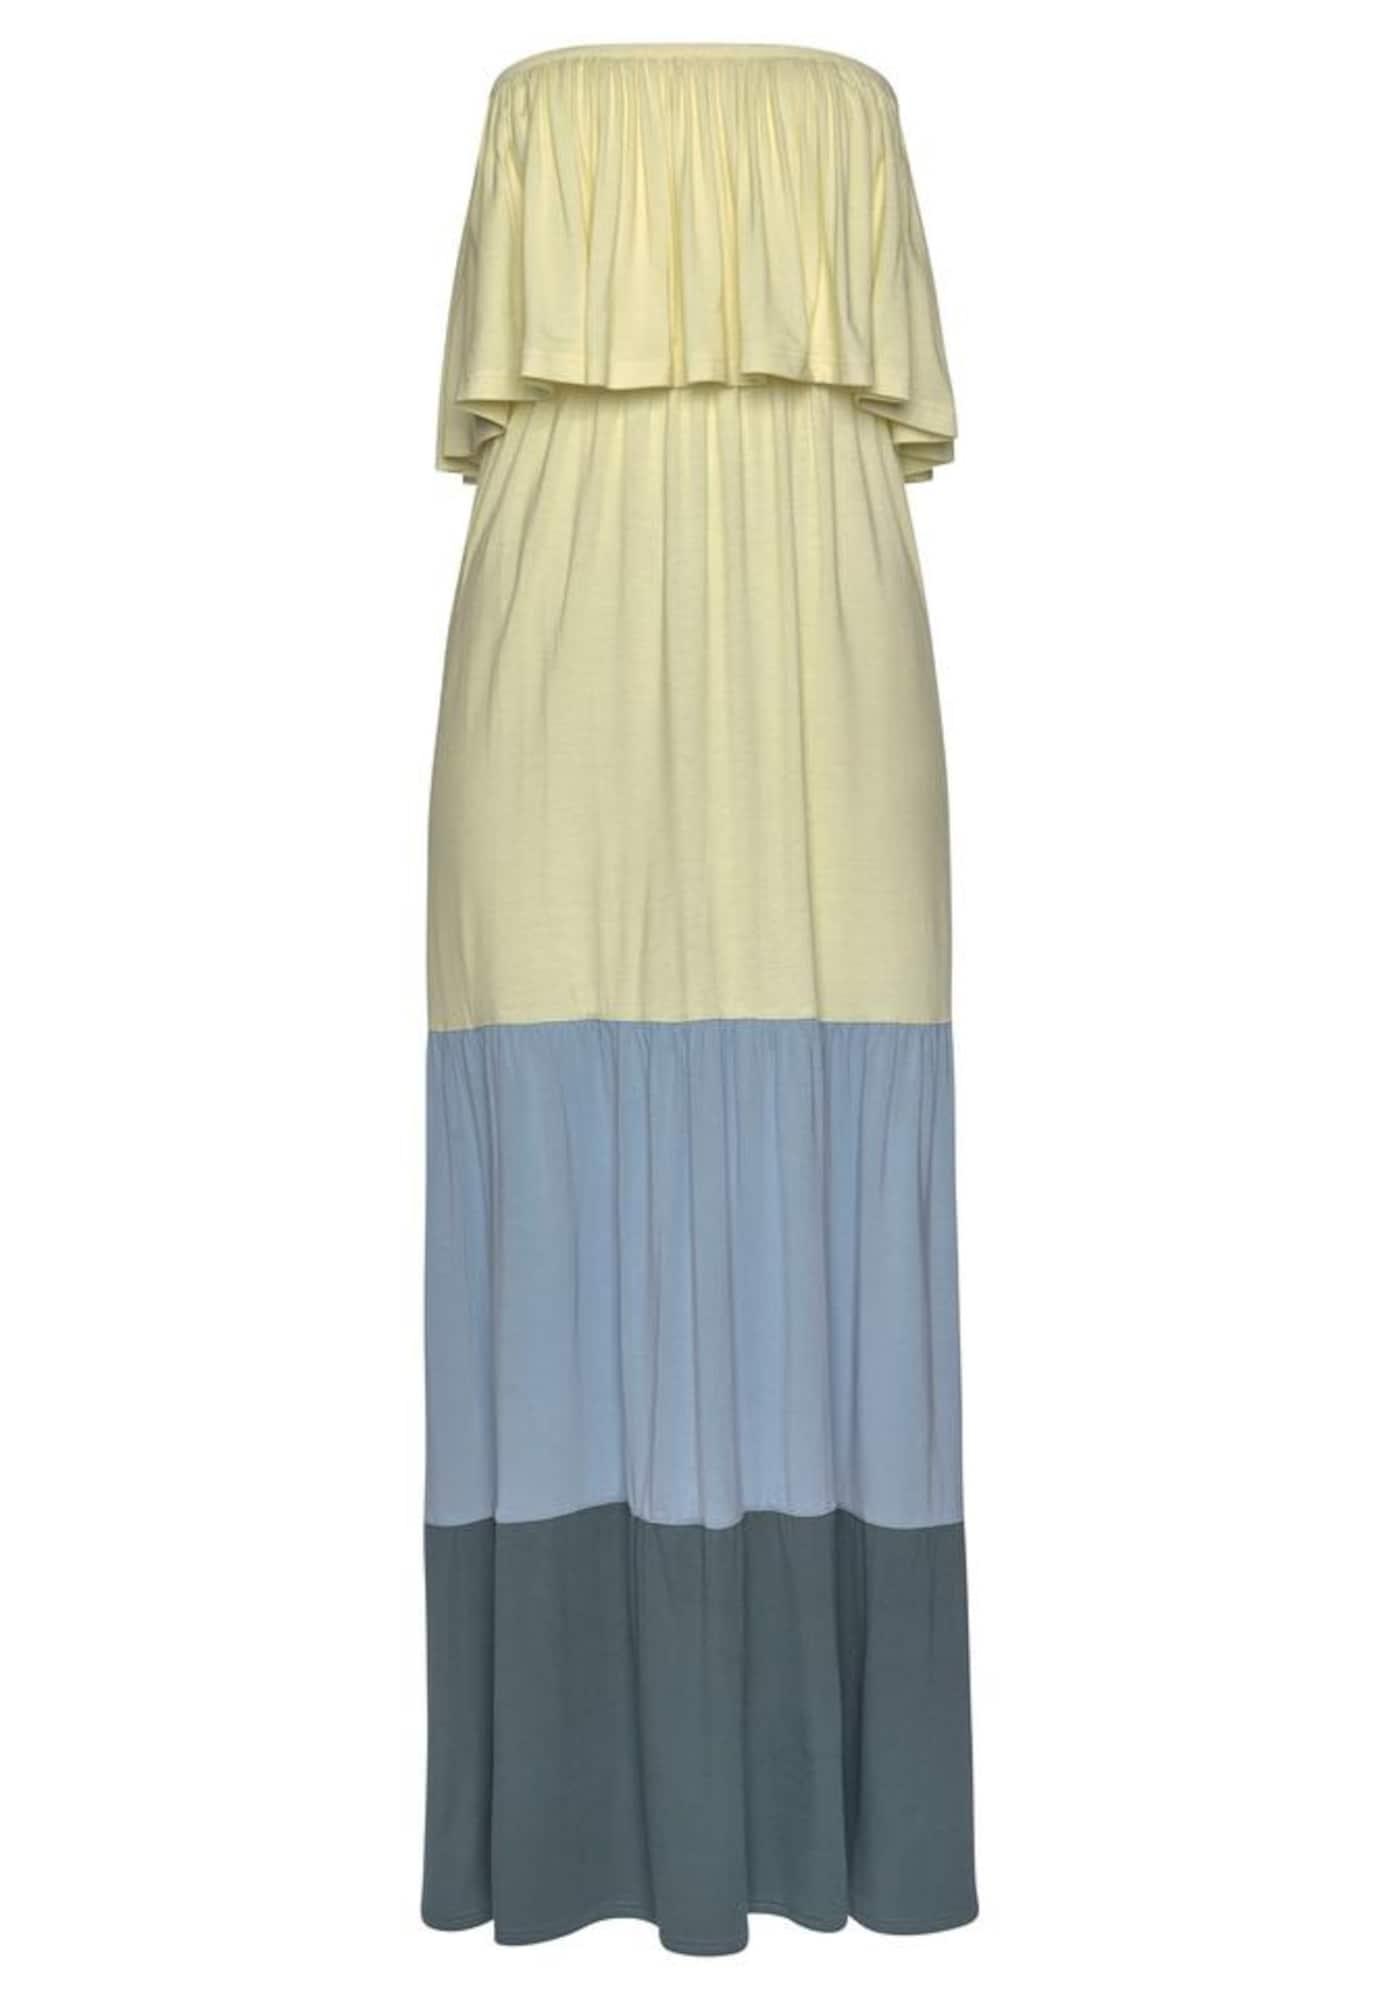 LASCANA Plážové šaty  jedle / pastelově žlutá / kouřově modrá